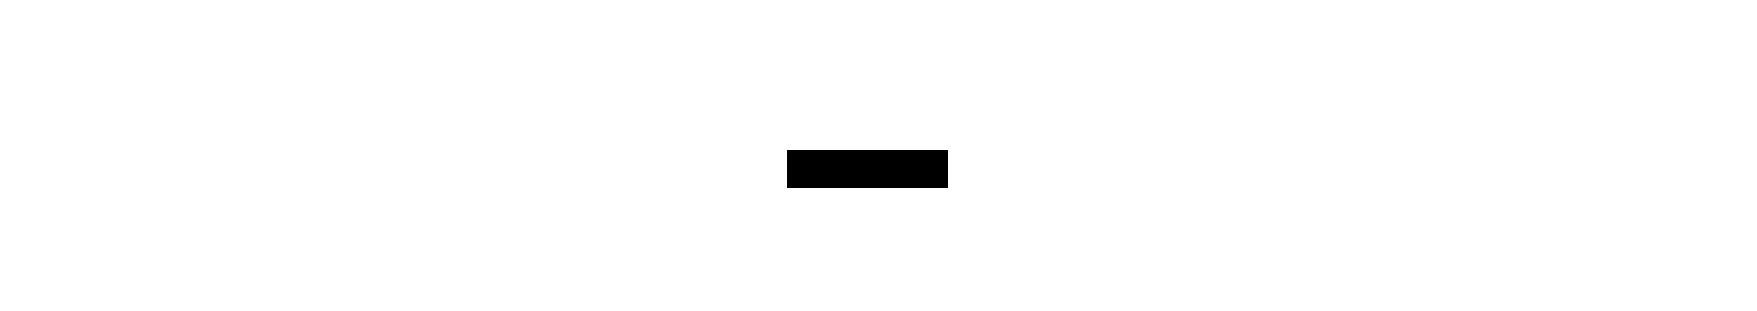 LepageIllus-copie-4